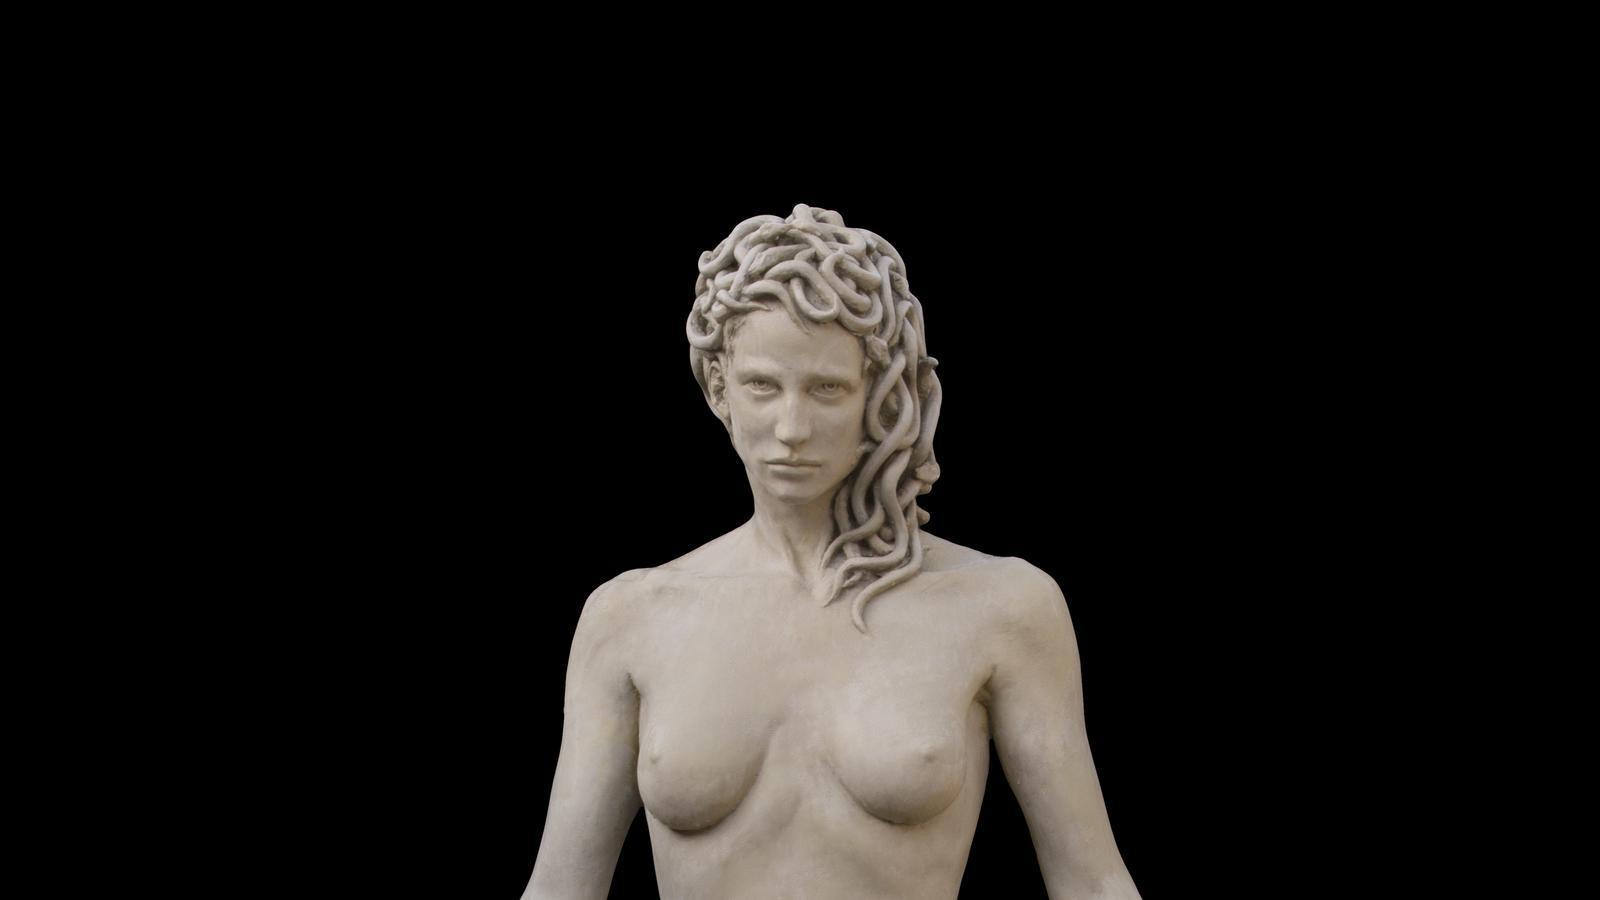 La polèmica Medusa de l'artista argentinoitalià Luciano Garbati